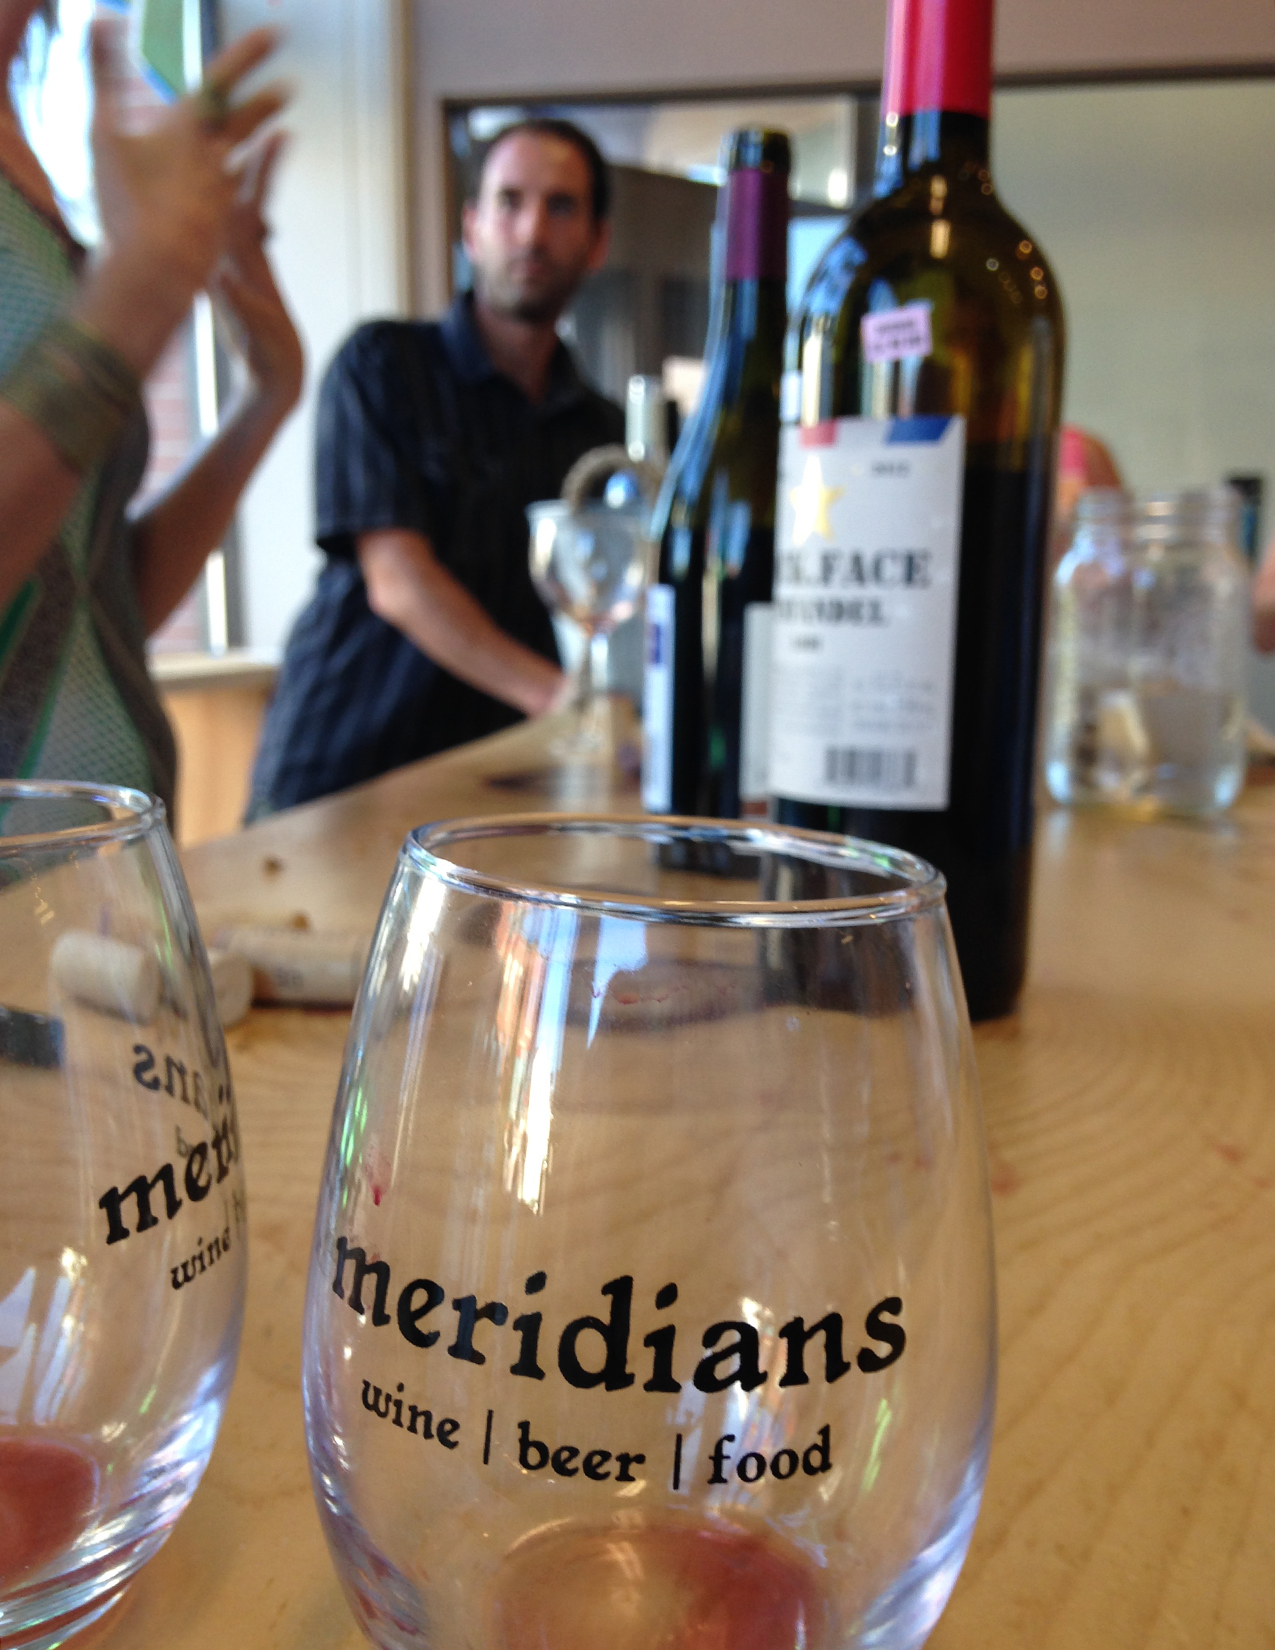 More Meridians Tasting